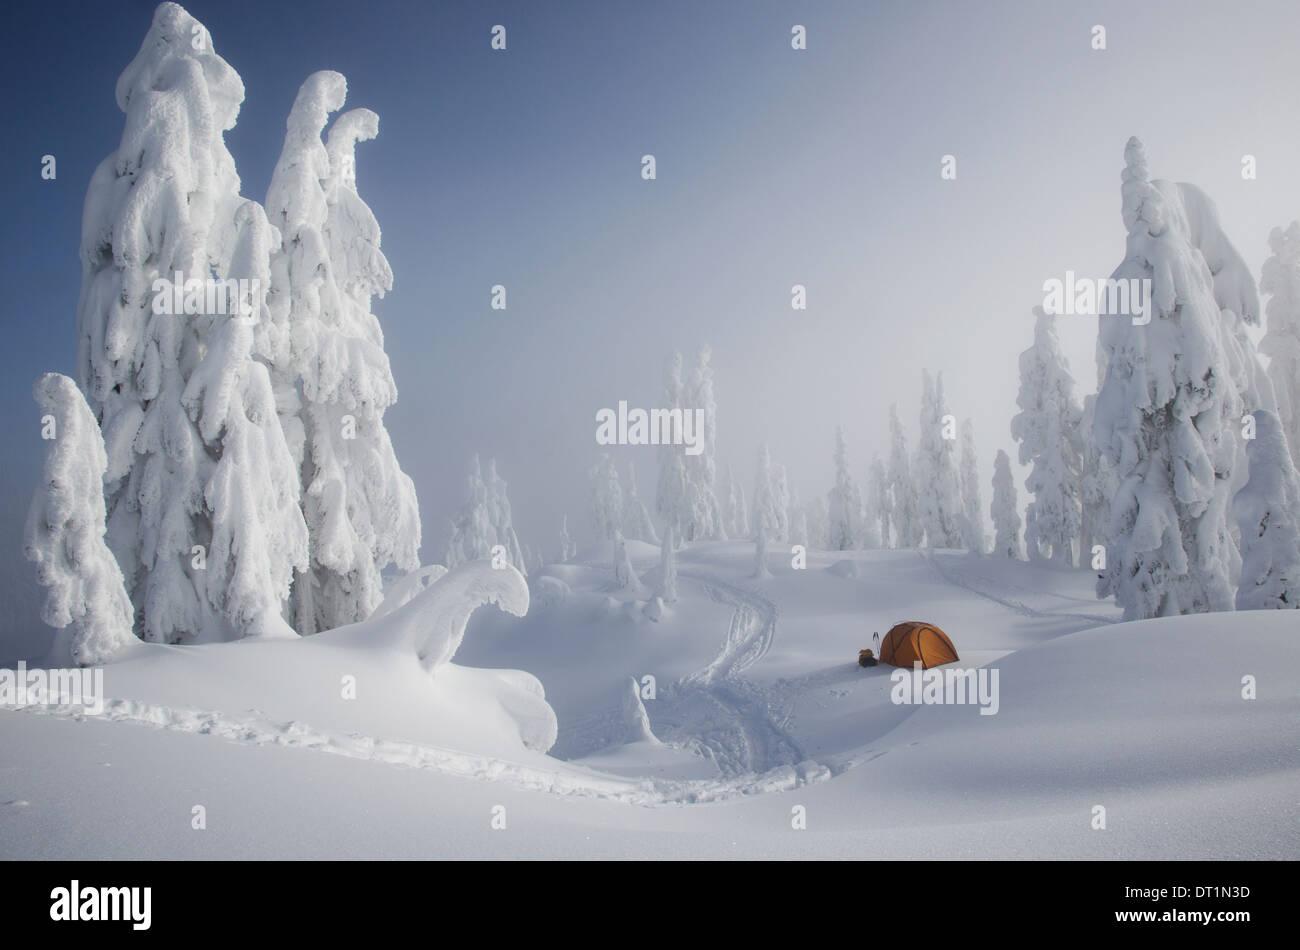 Une tente orange vif parmi les arbres couverts de neige sur une crête surplombant une montagne enneigée au loin Photo Stock